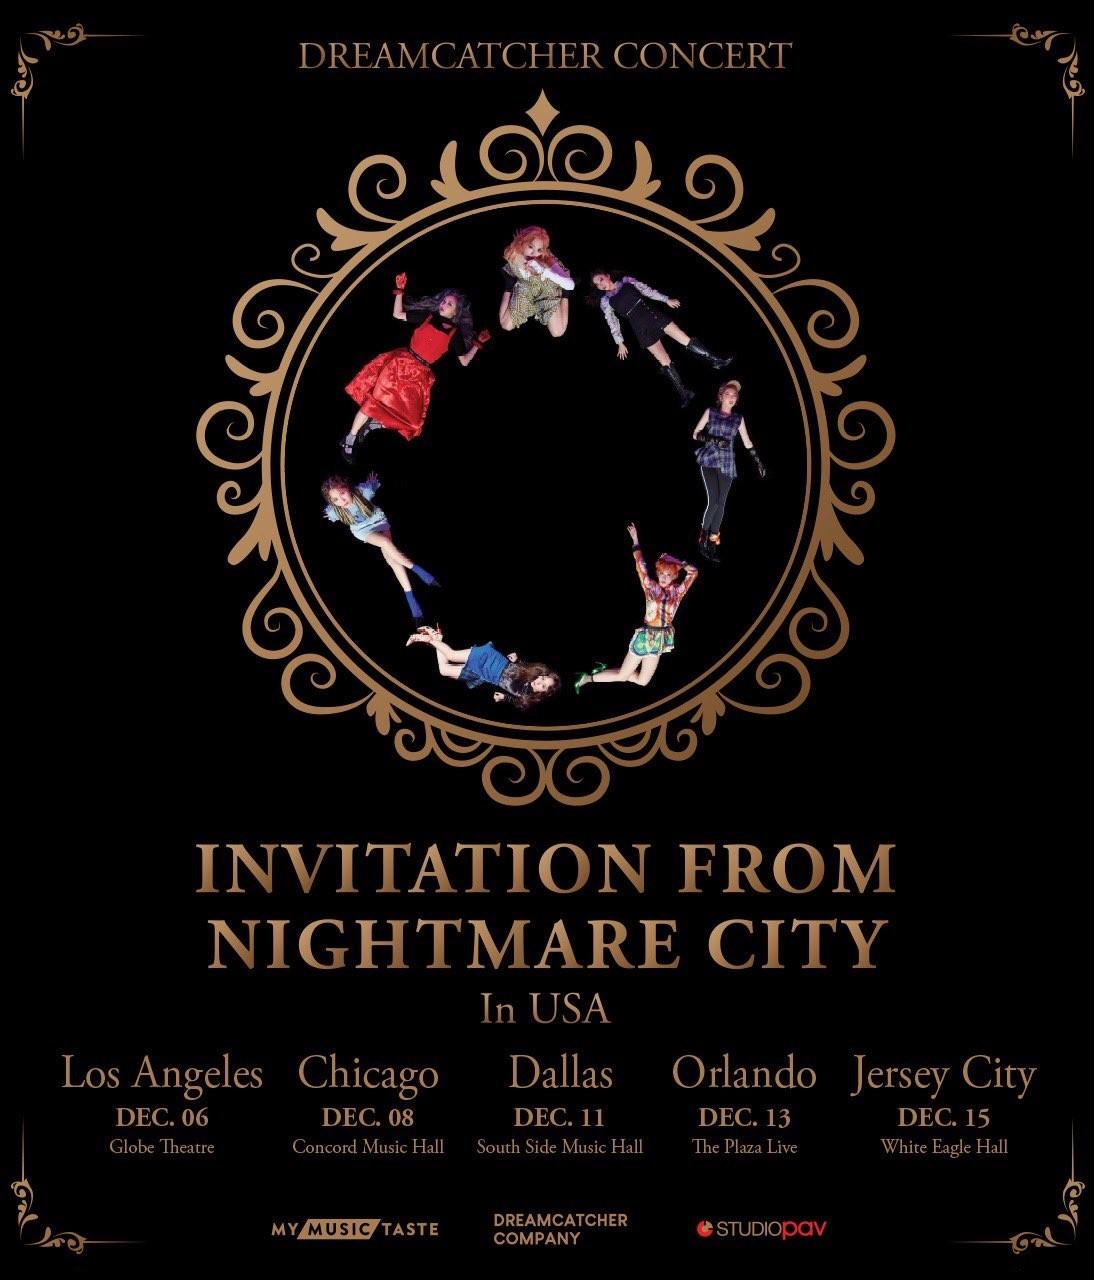 드림캐쳐, 미국 5개 도시 단독 콘서트 개최